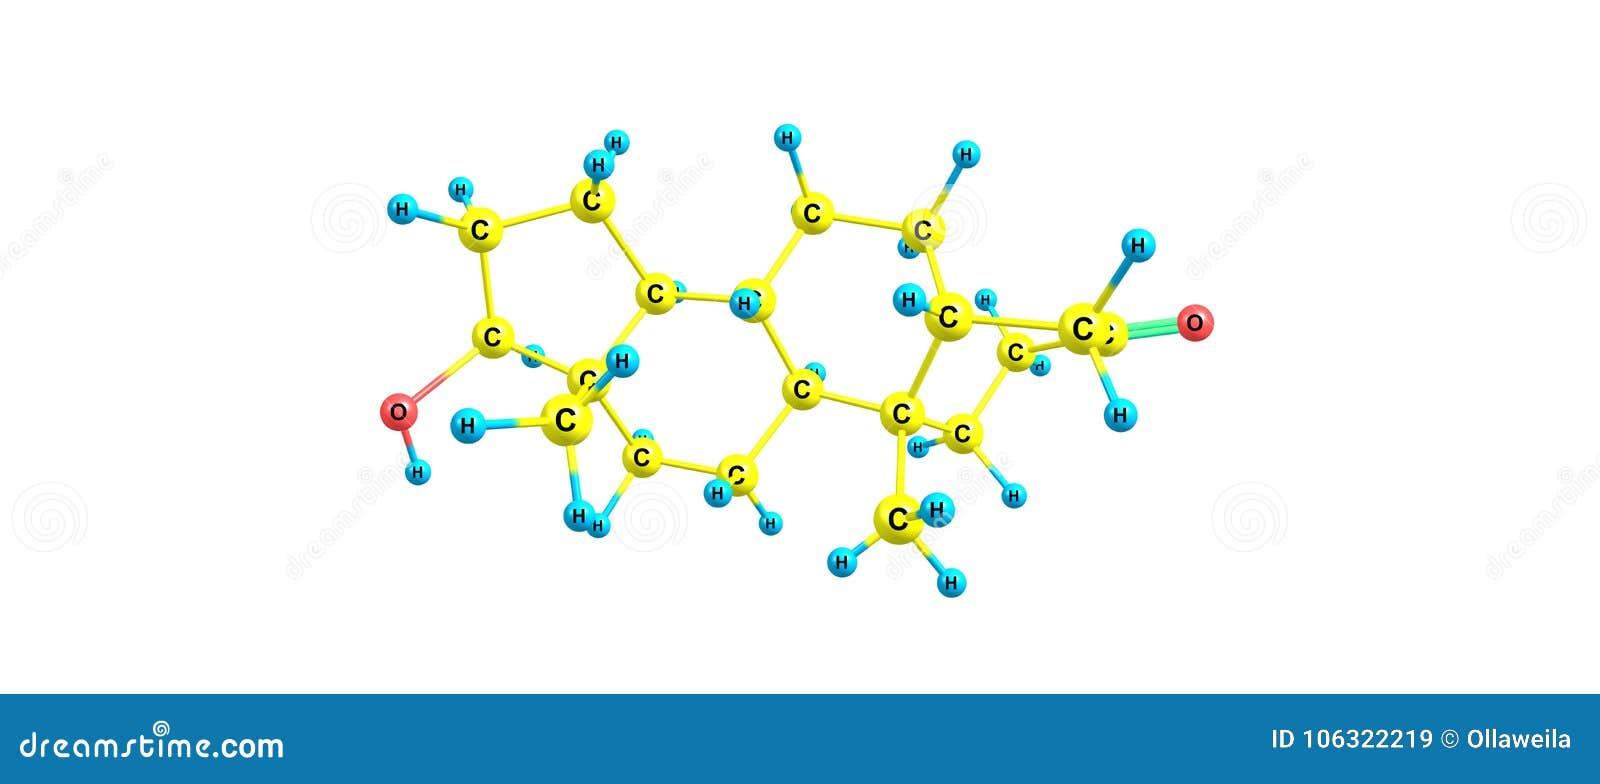 Estructura Molecular De Dihydrotestosterone Aislada En